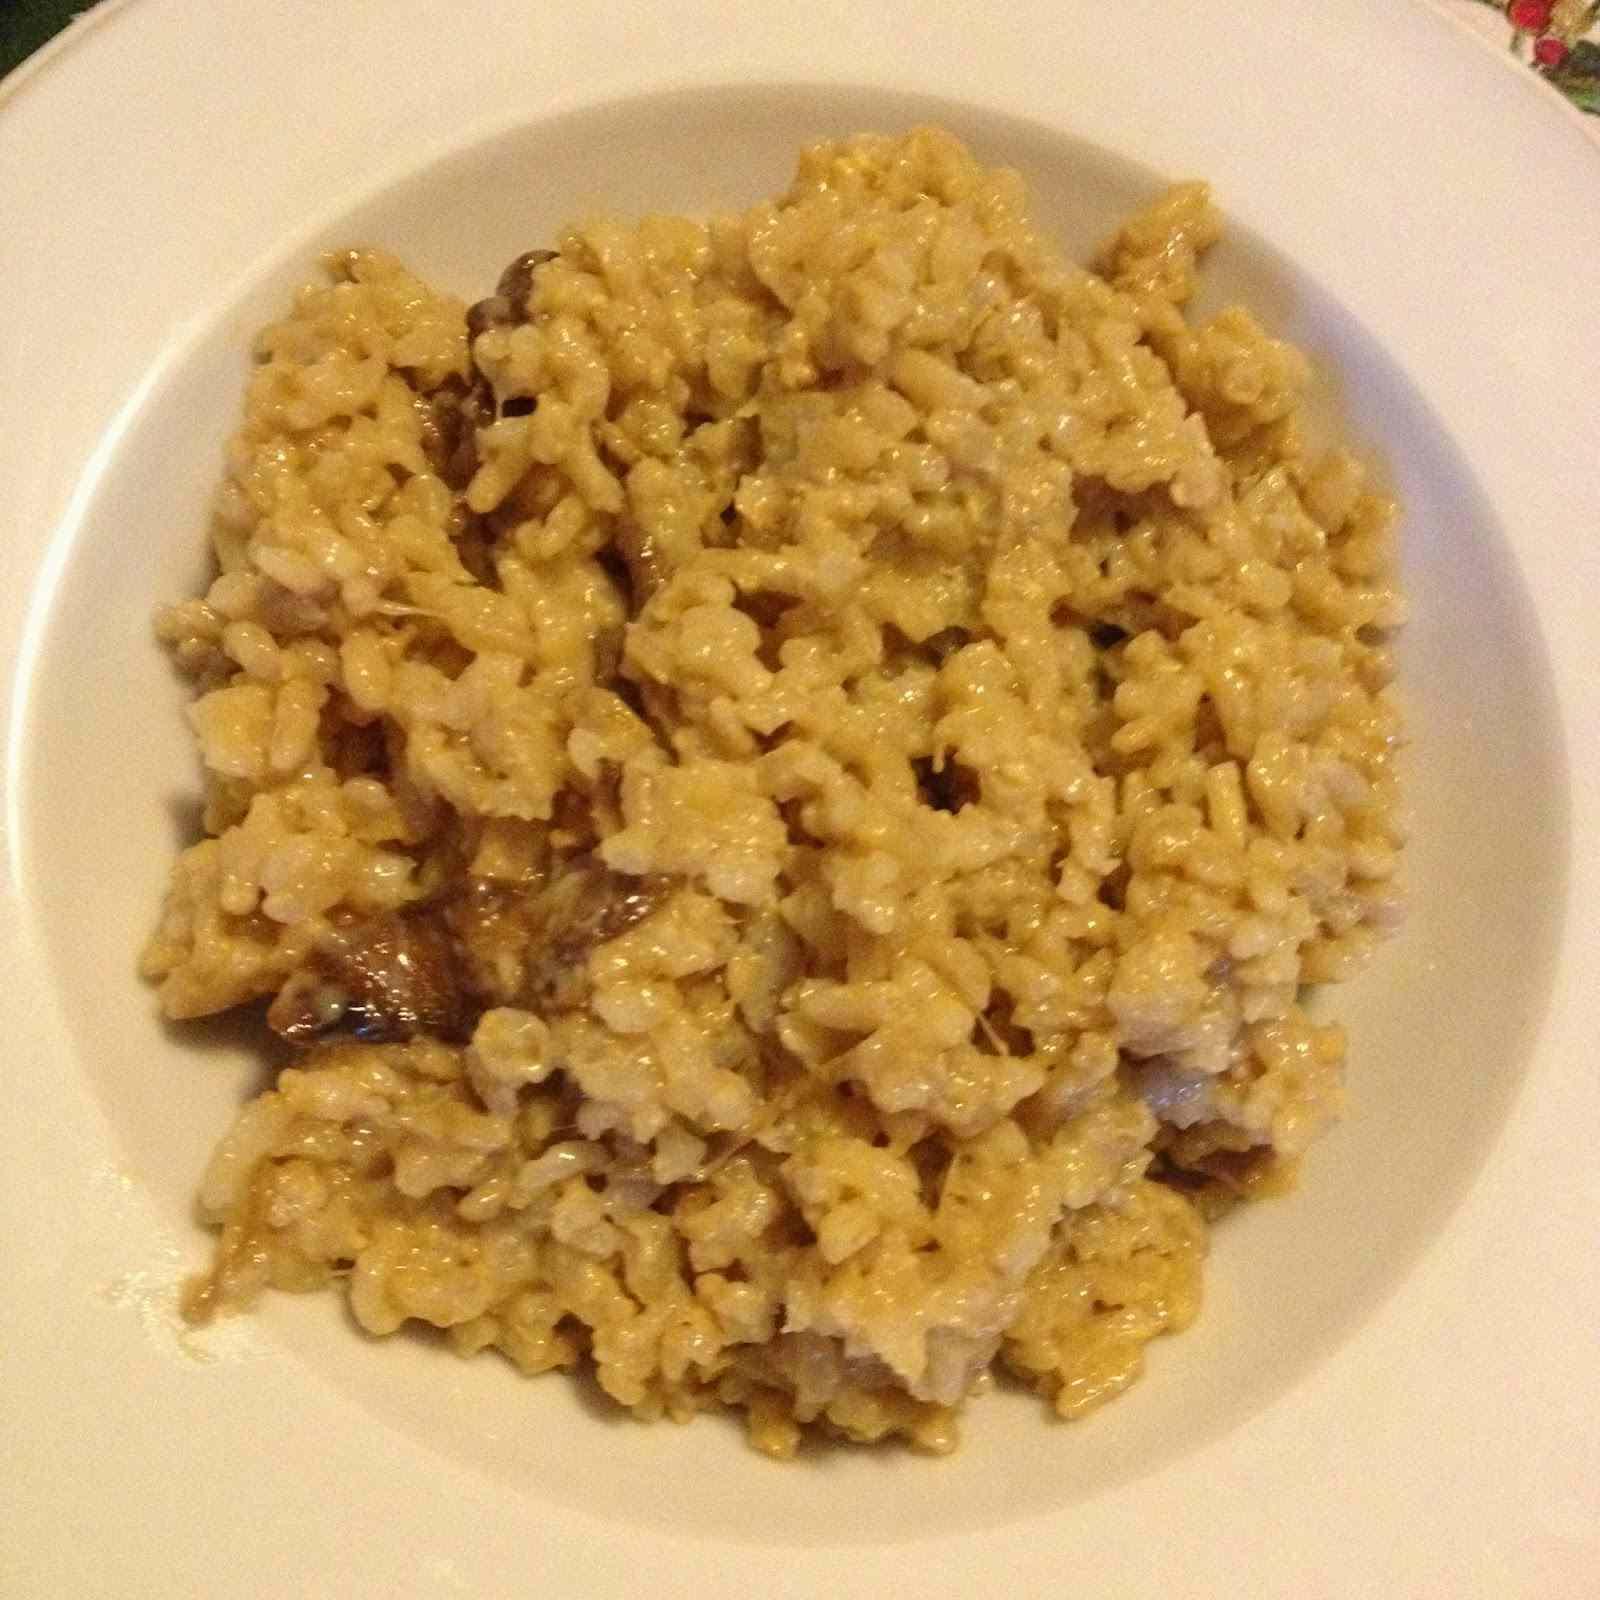 Ricetta: Risotto con funghi porcini e taleggio